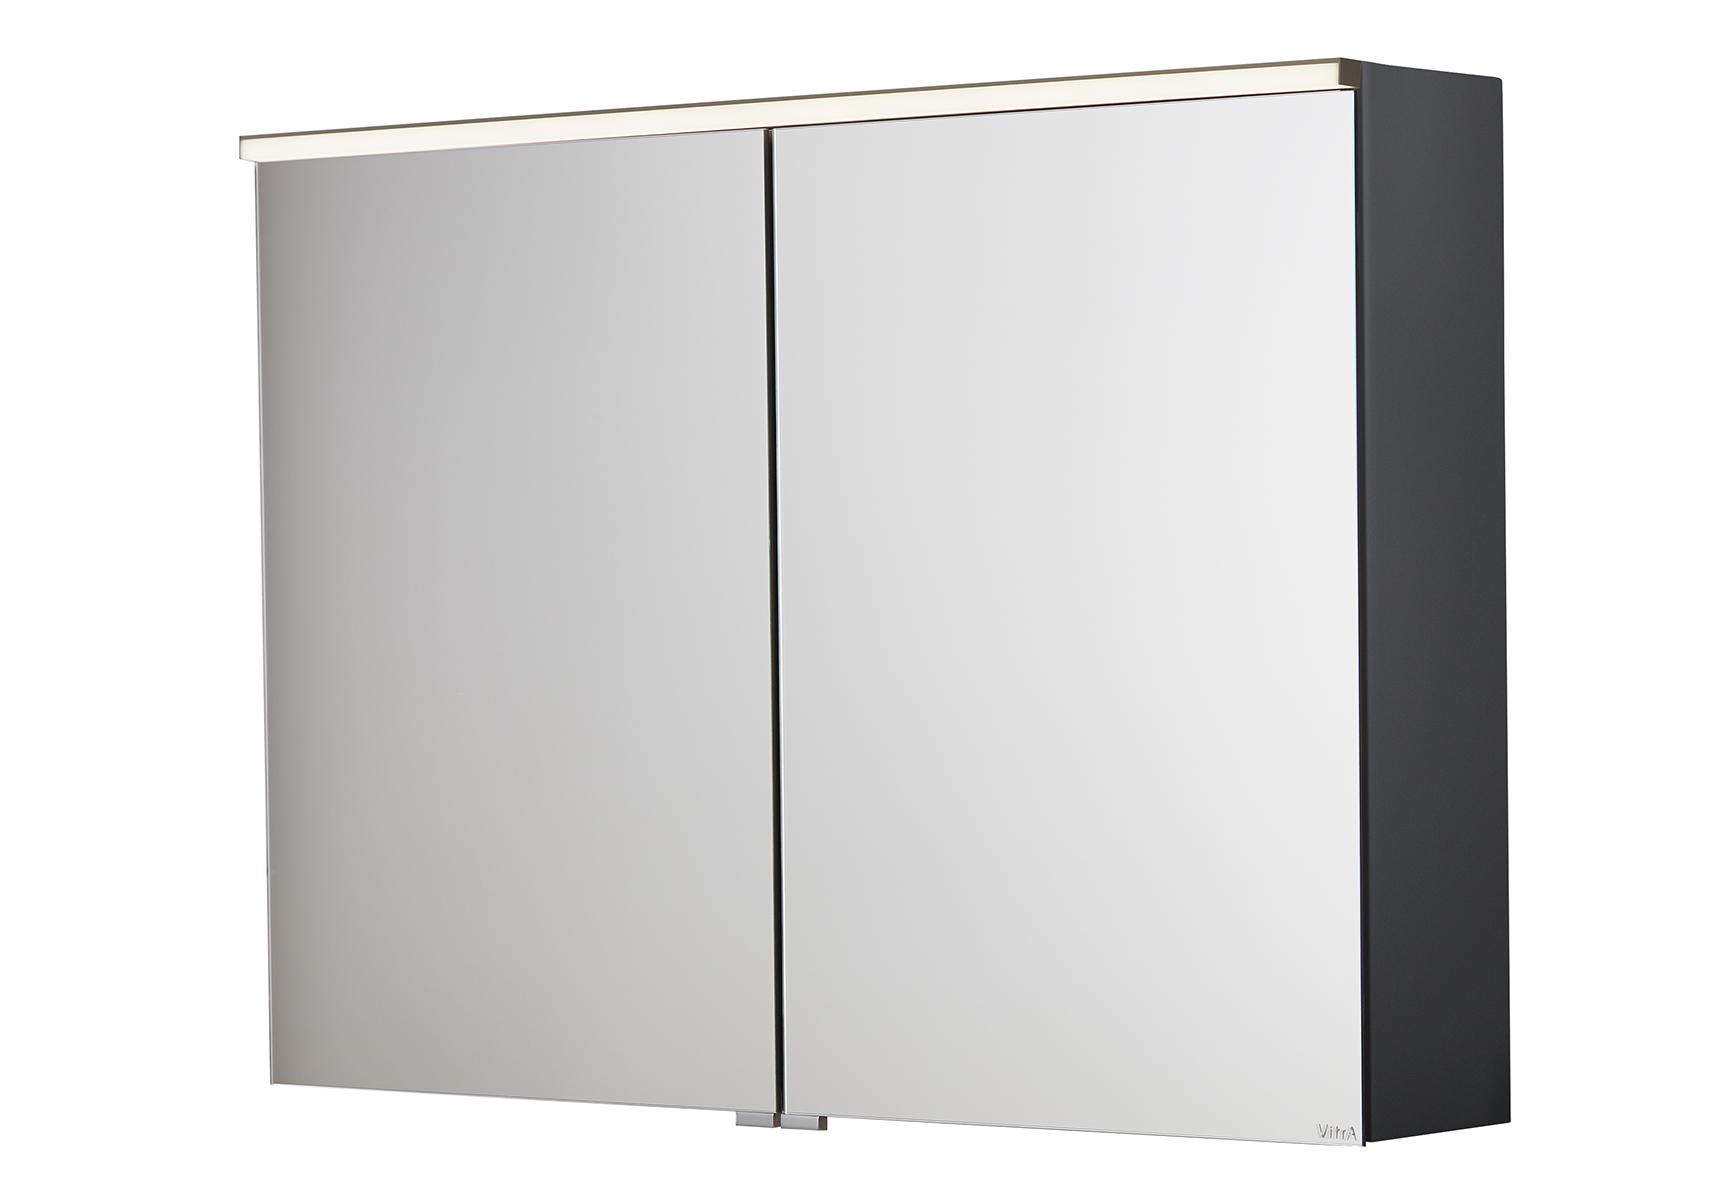 Sento Premium LED-Spiegelschrank, 80 cm, Anthrazit Matt